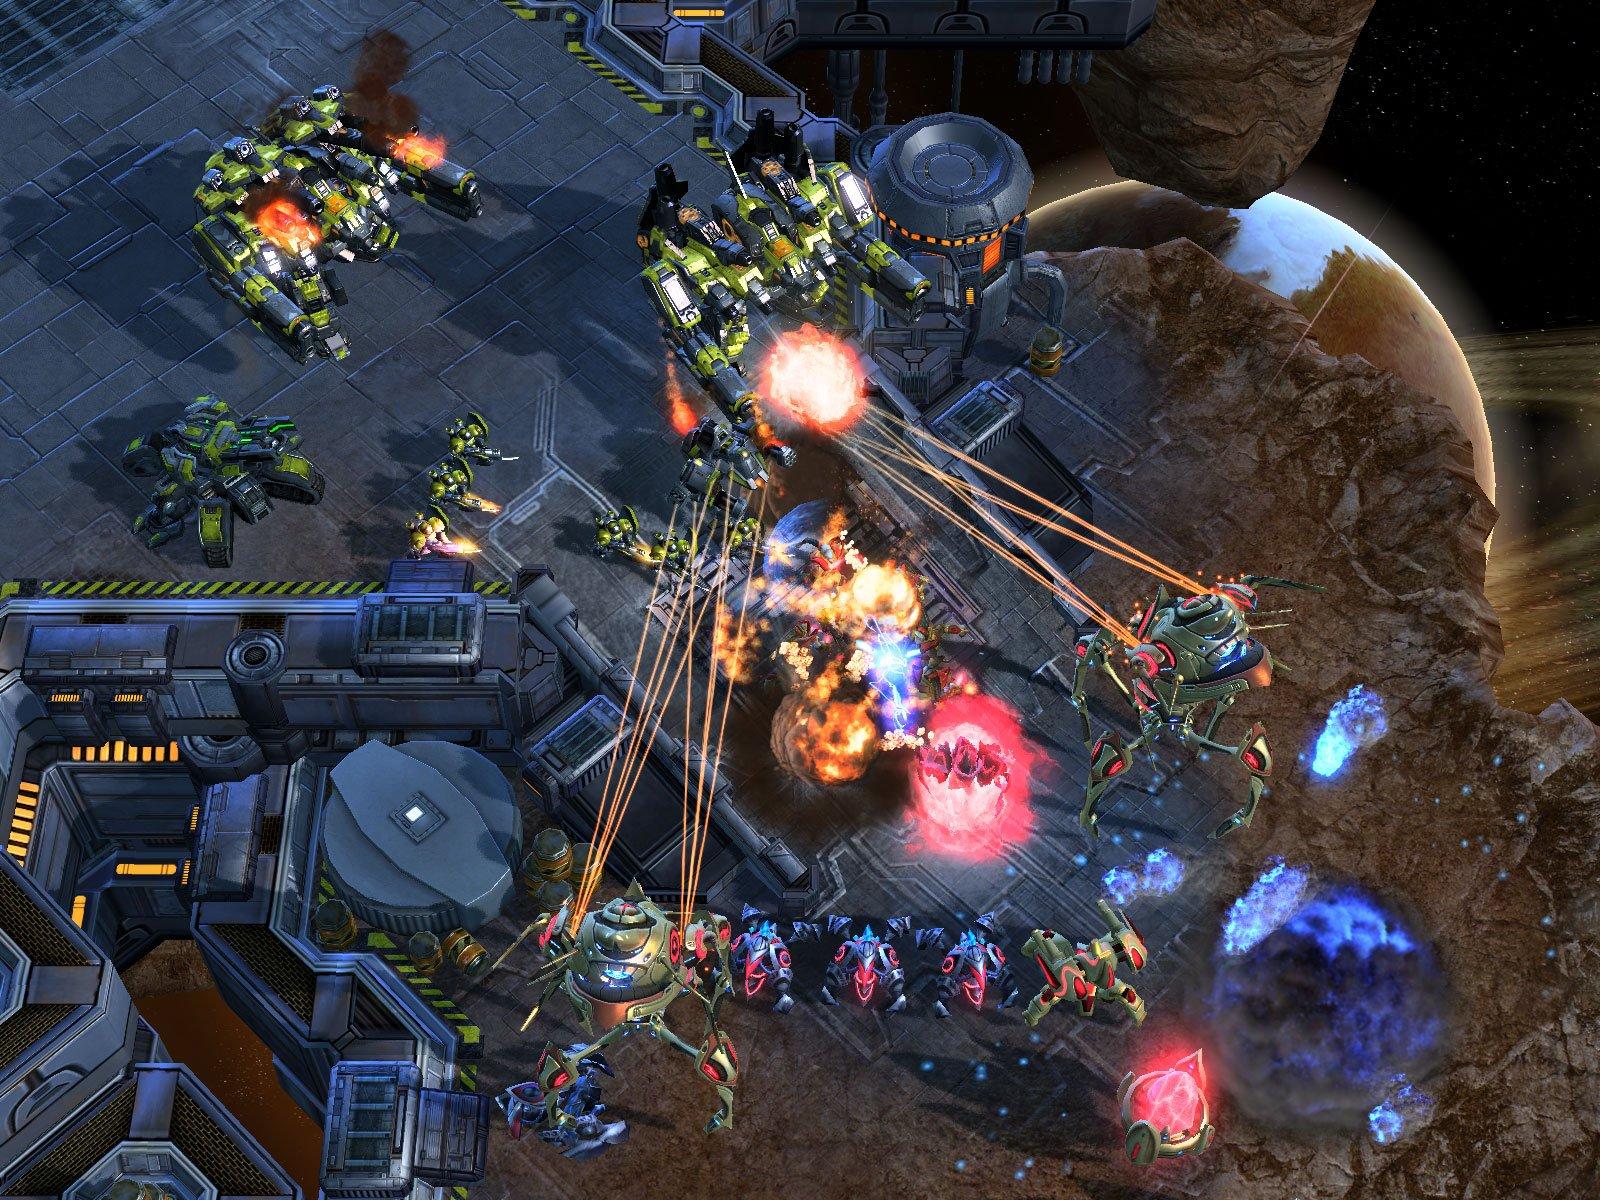 Blizzard запускает единую мировую лигу по StarCraft II  - Изображение 2